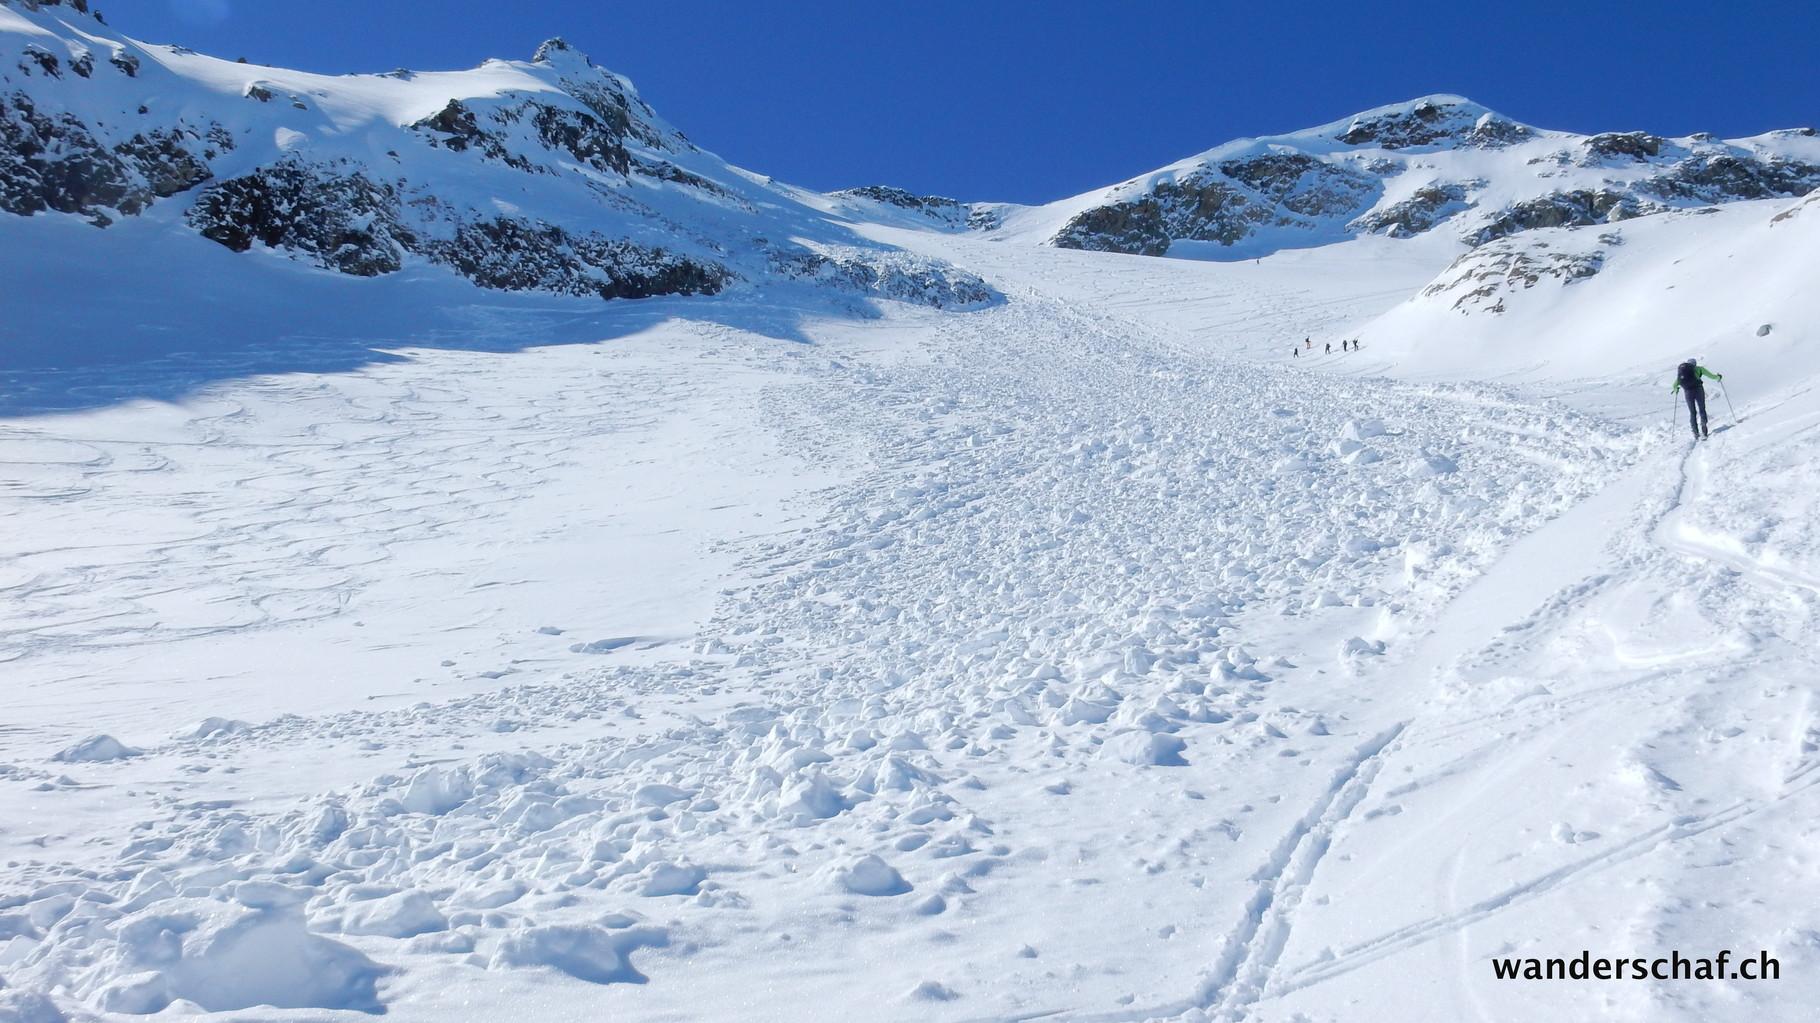 im Gipfelhang bestaunen wir das riesige Schneebrett, welches sich offensichtlich vor ein paar Tagen gelöst haben muss